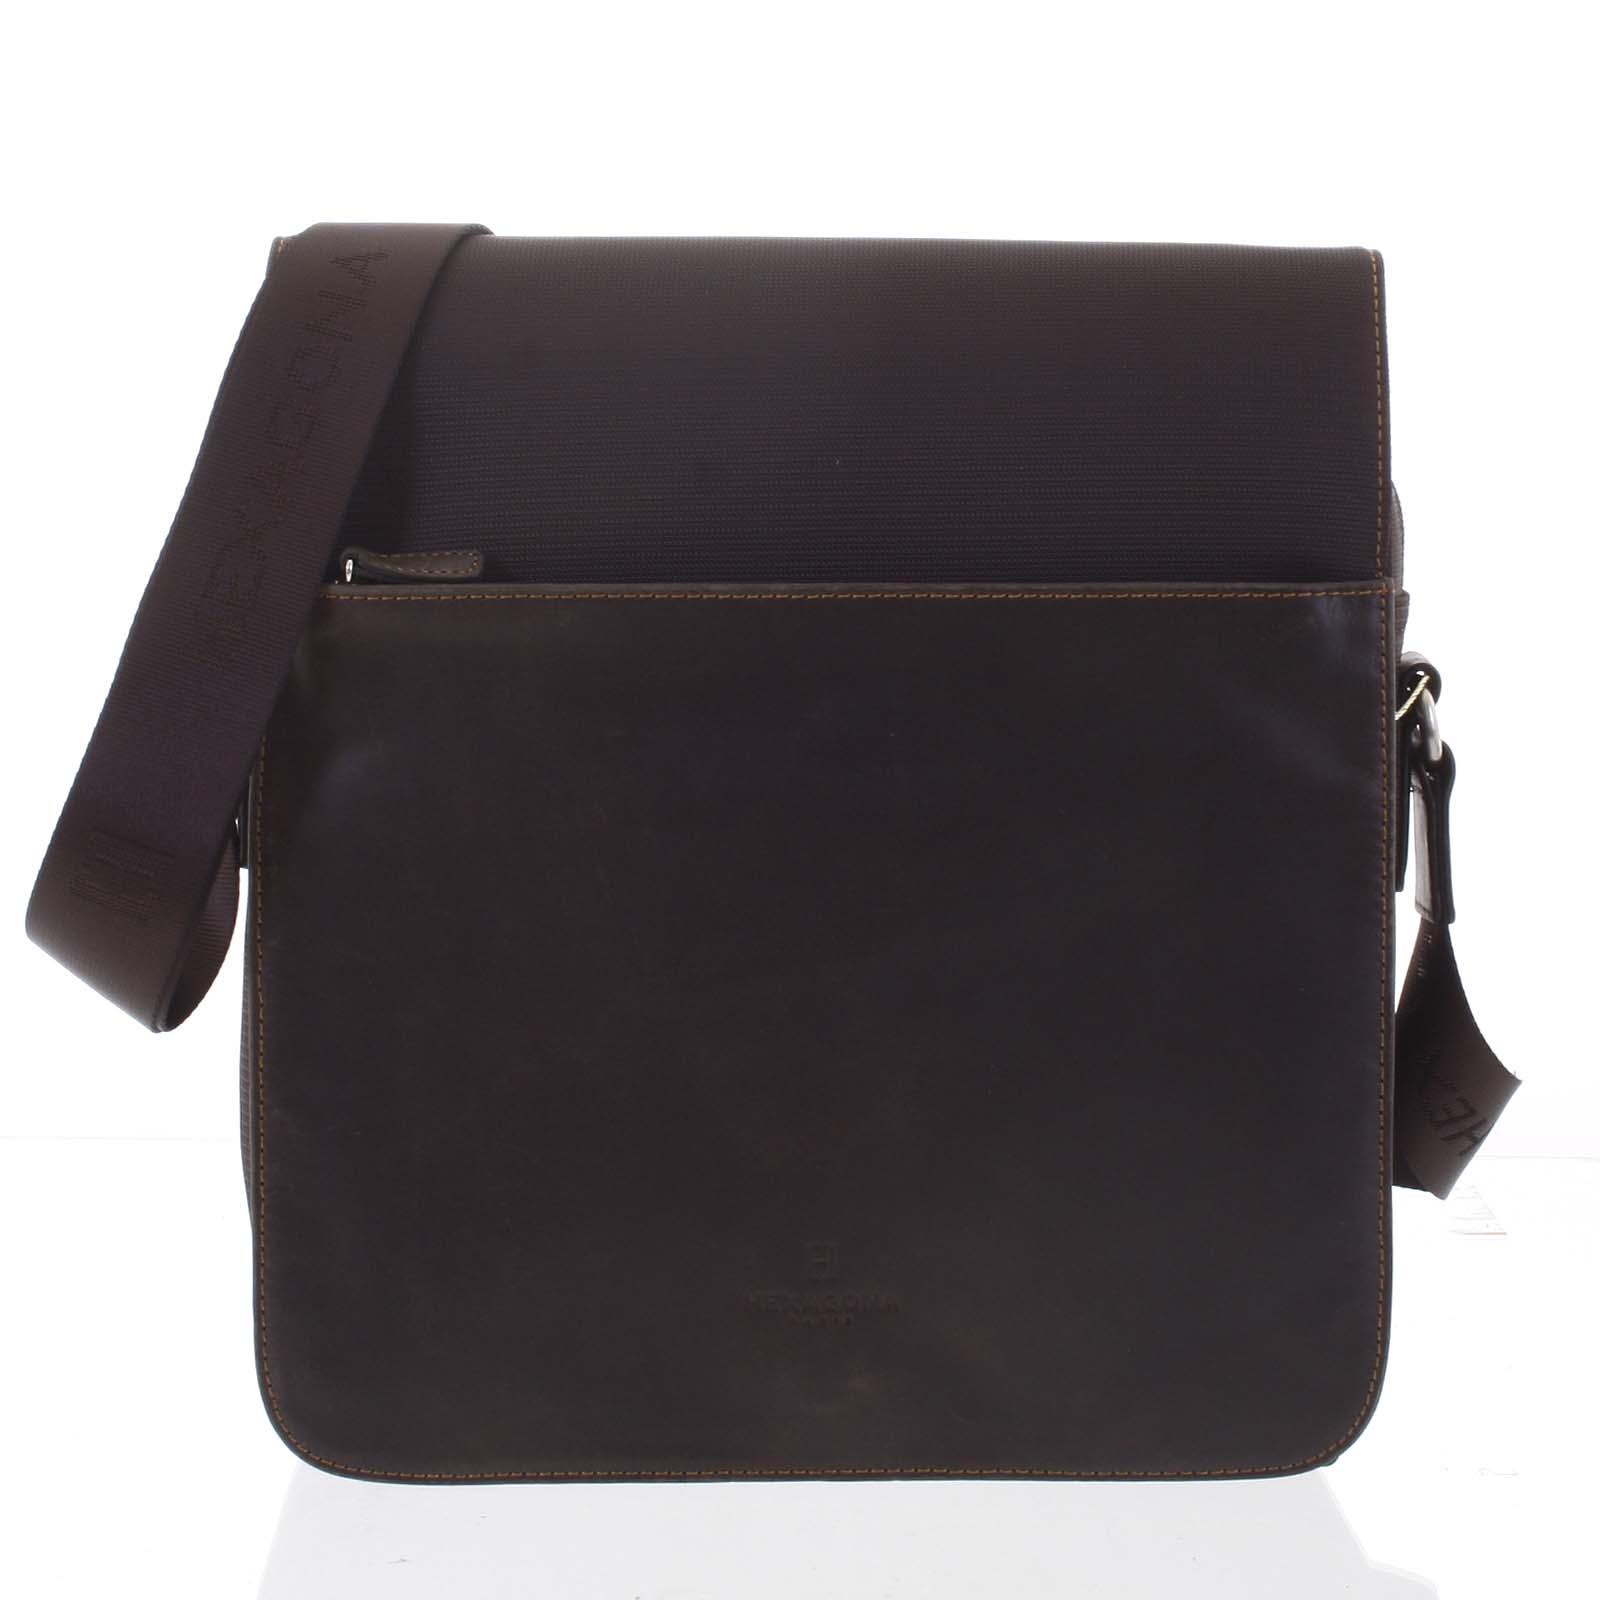 Moderná polokožená taška hnedá - Hexagona Cendrik